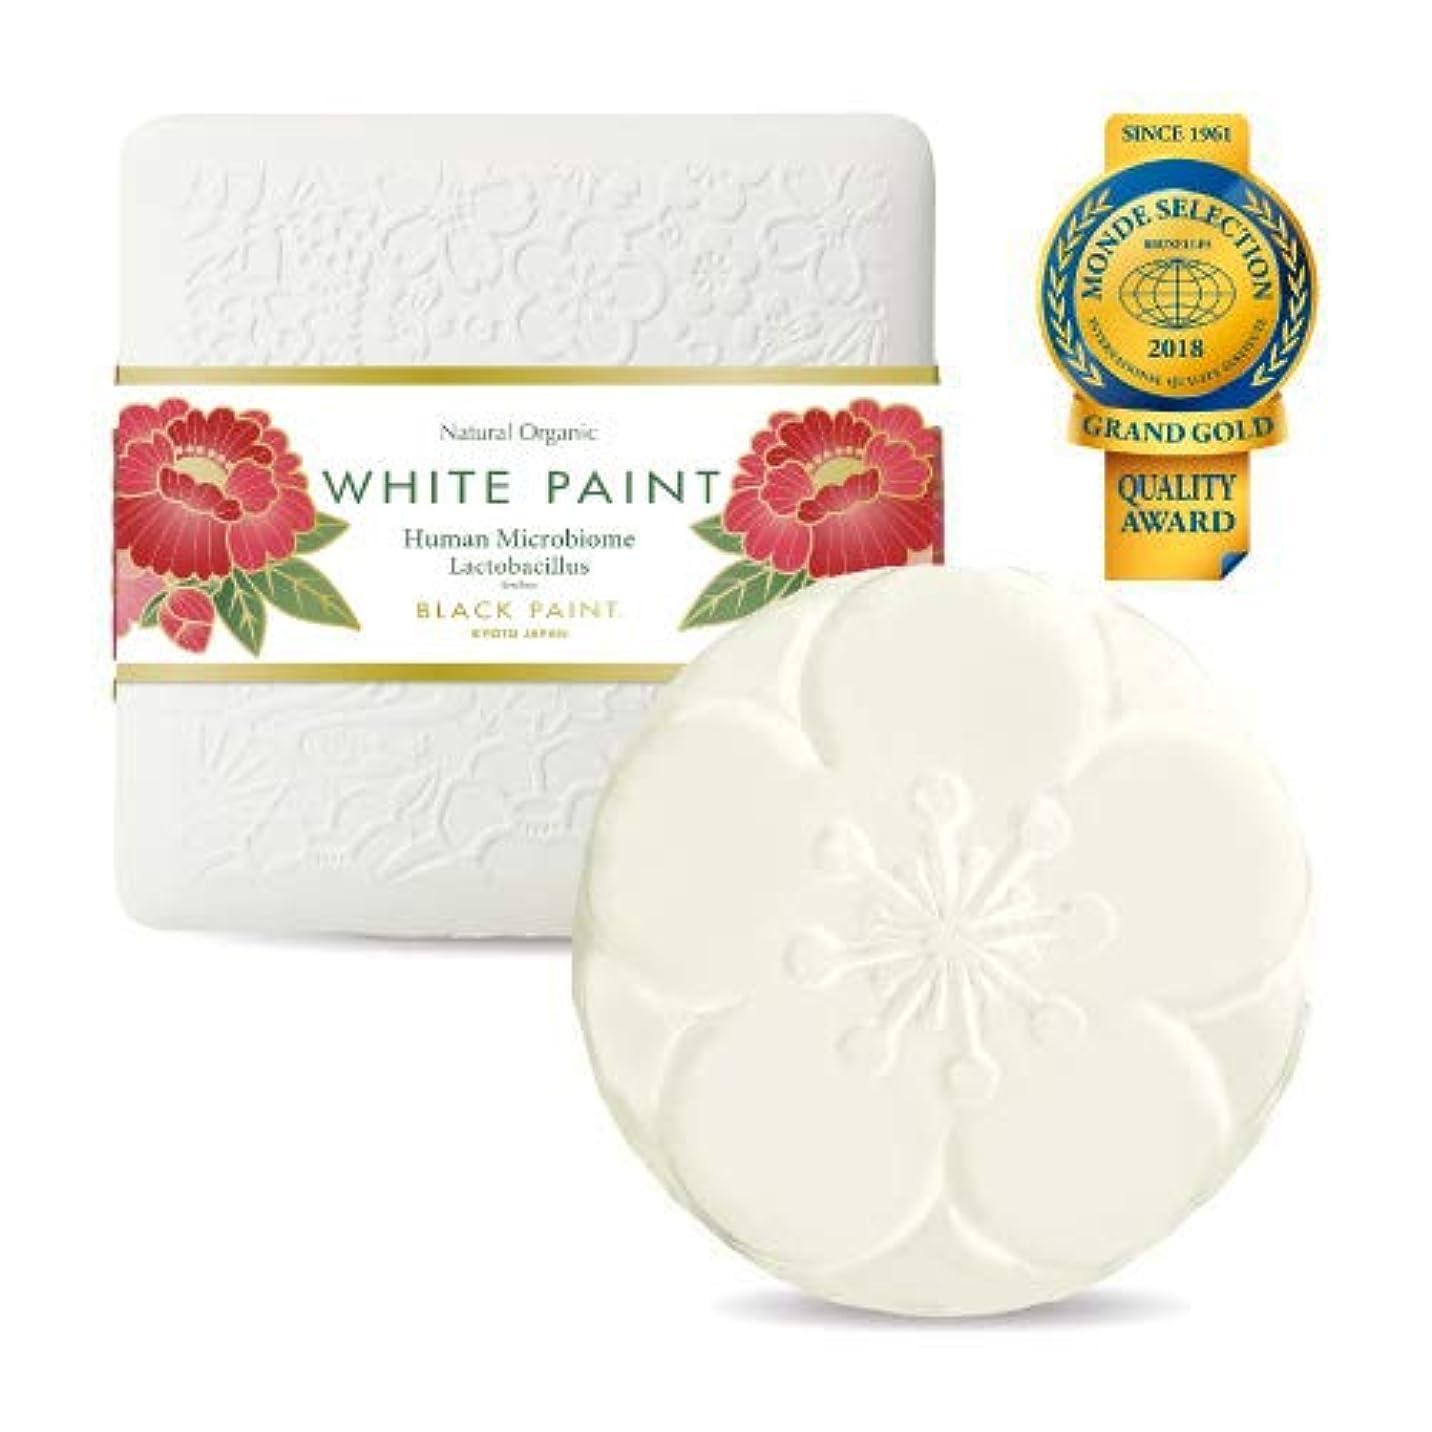 恥ずかしい予報王族乳酸菌入り プレミアム ホワイトペイント 60g ハーフサイズ 塗る洗顔 石鹸 無添加 国産 …